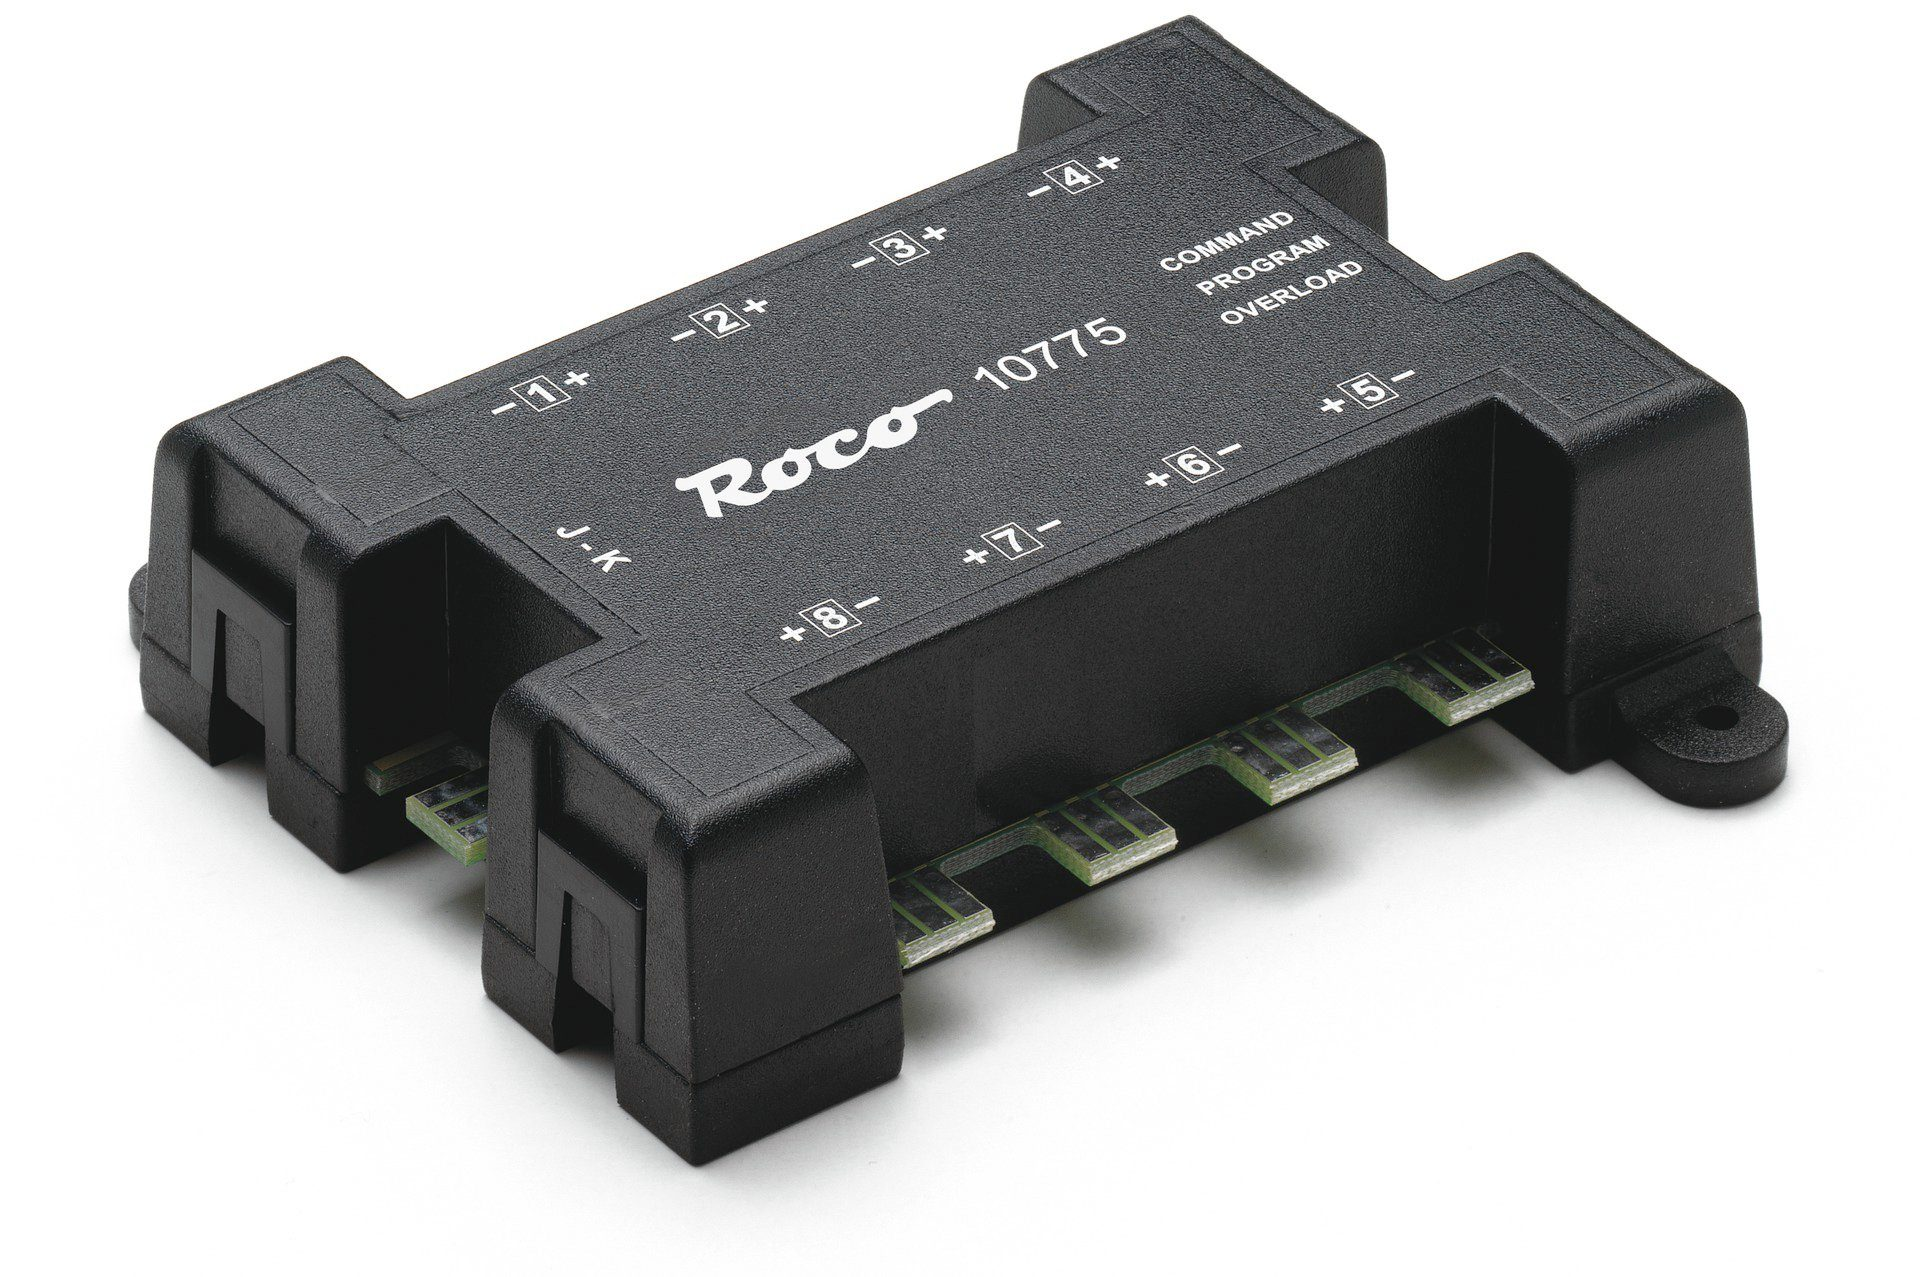 Roco Modellbahn Zubehör, »Weichendecoder 8fach DCC«